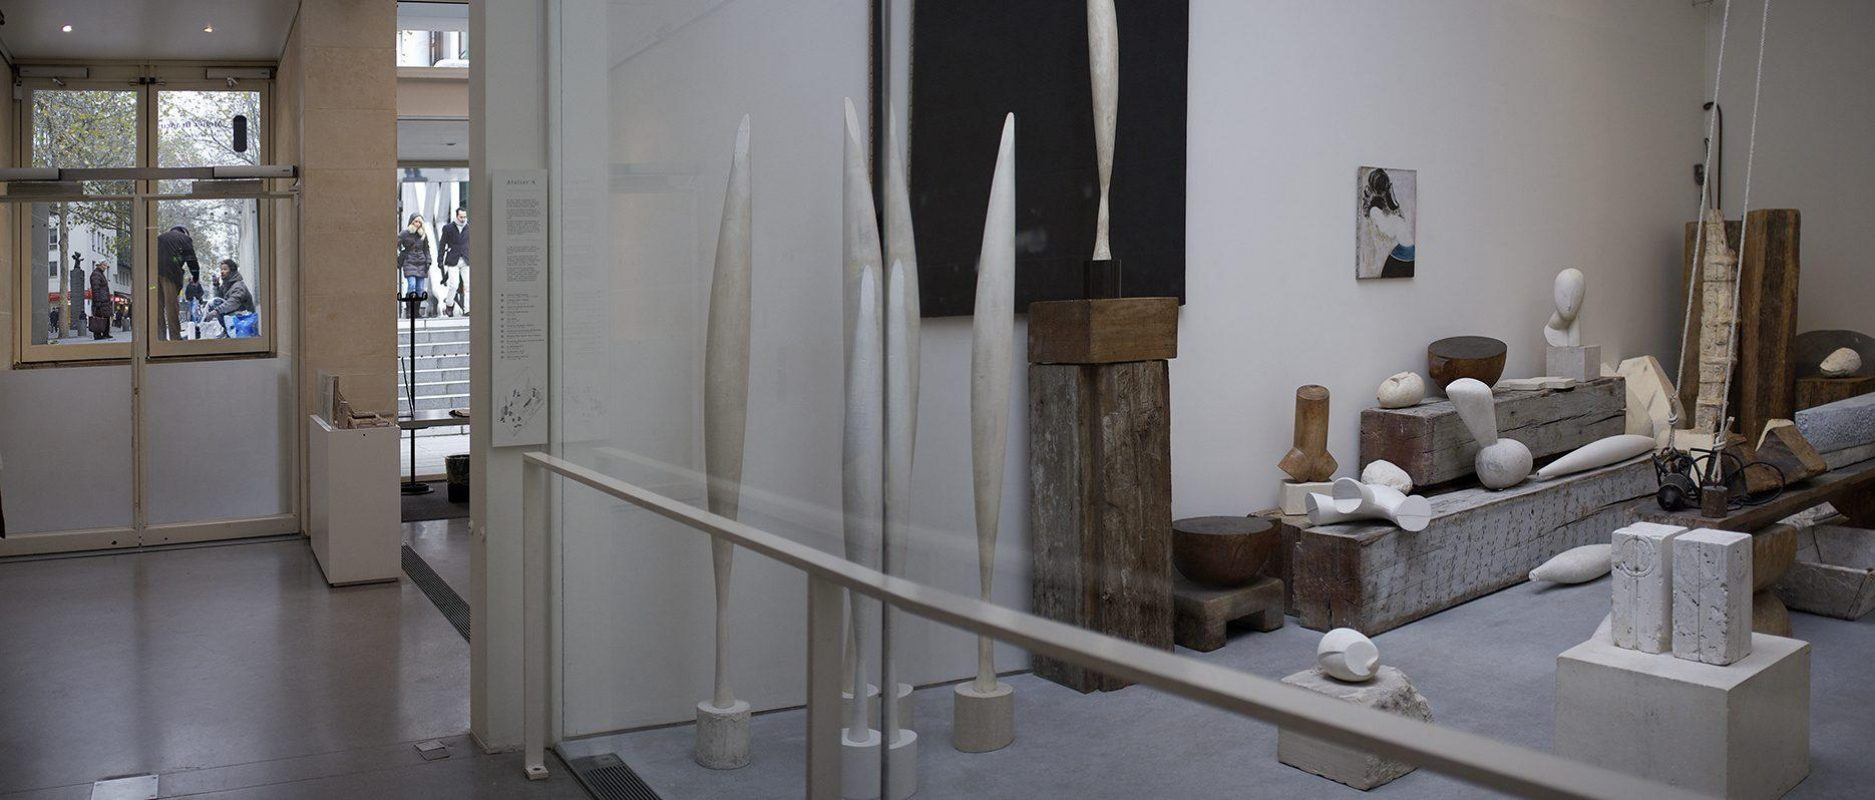 Musée Brancusi, Centre George Pompidou